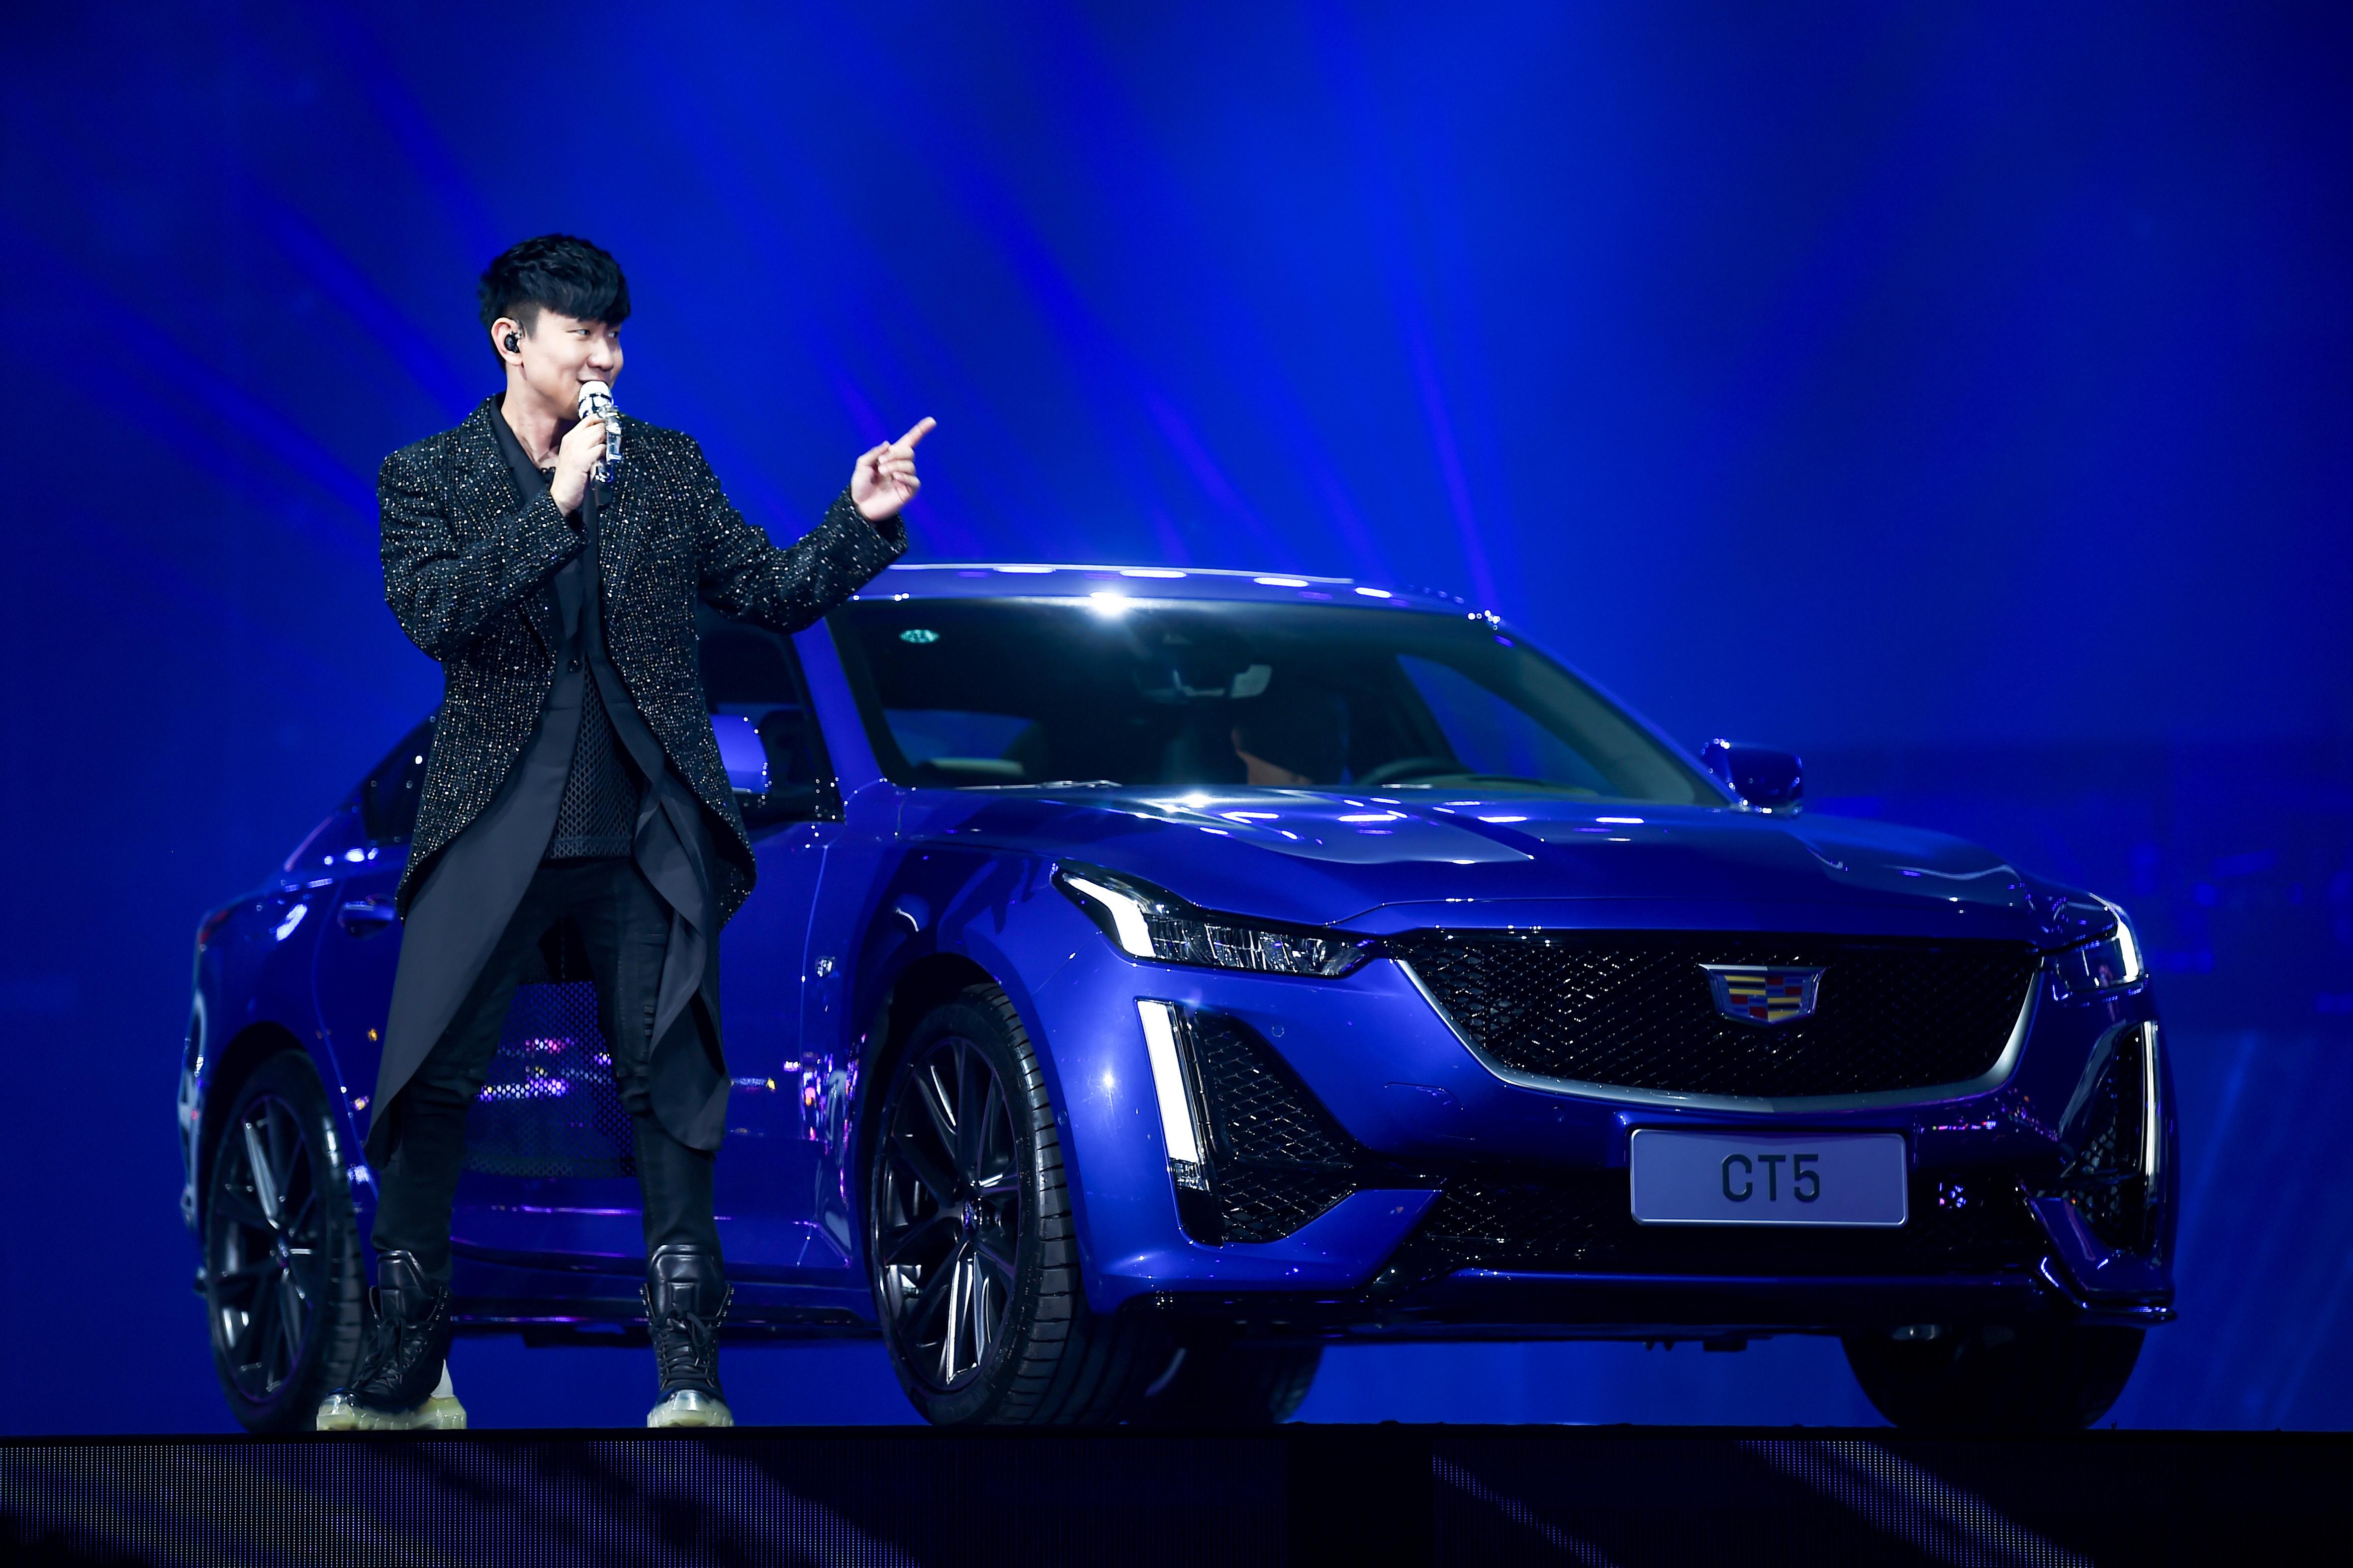 林俊杰首唱新歌《wonderland》:非常適合開車的時候聽圖片